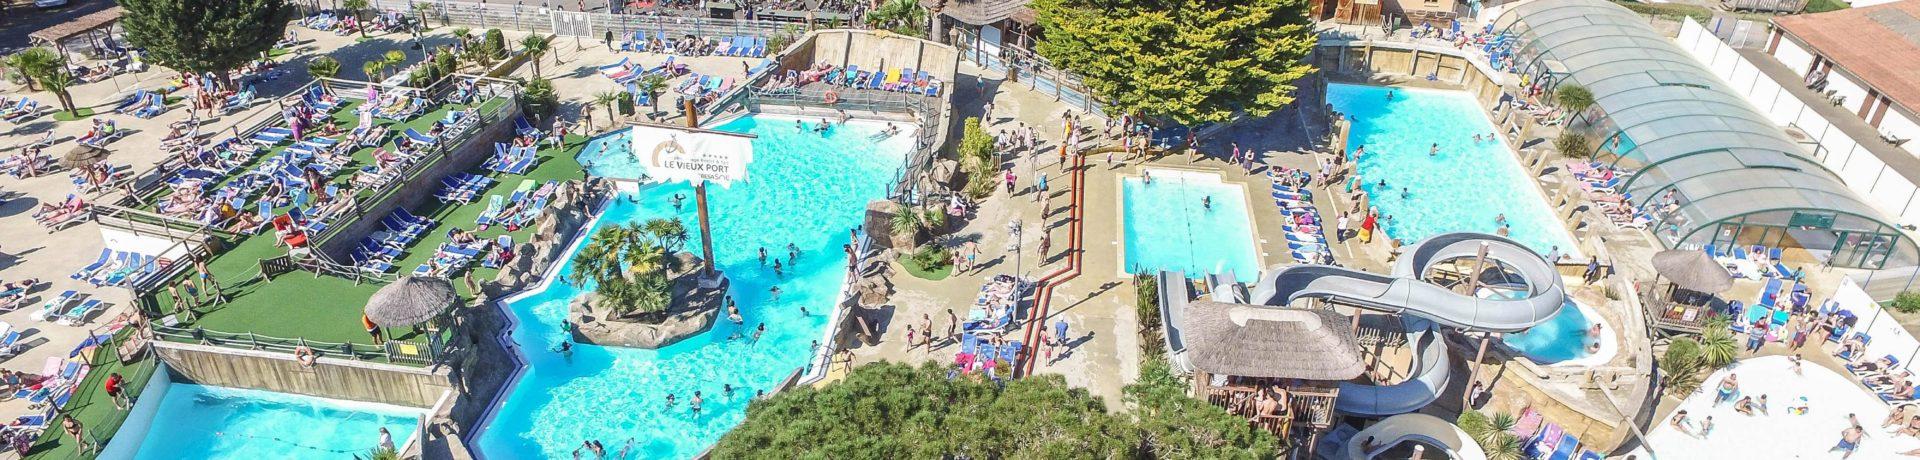 Gezinscamping Le Vieux Port in Messanges is een grote familiecamping aan zee op een levendig vakantiepark in Landes.